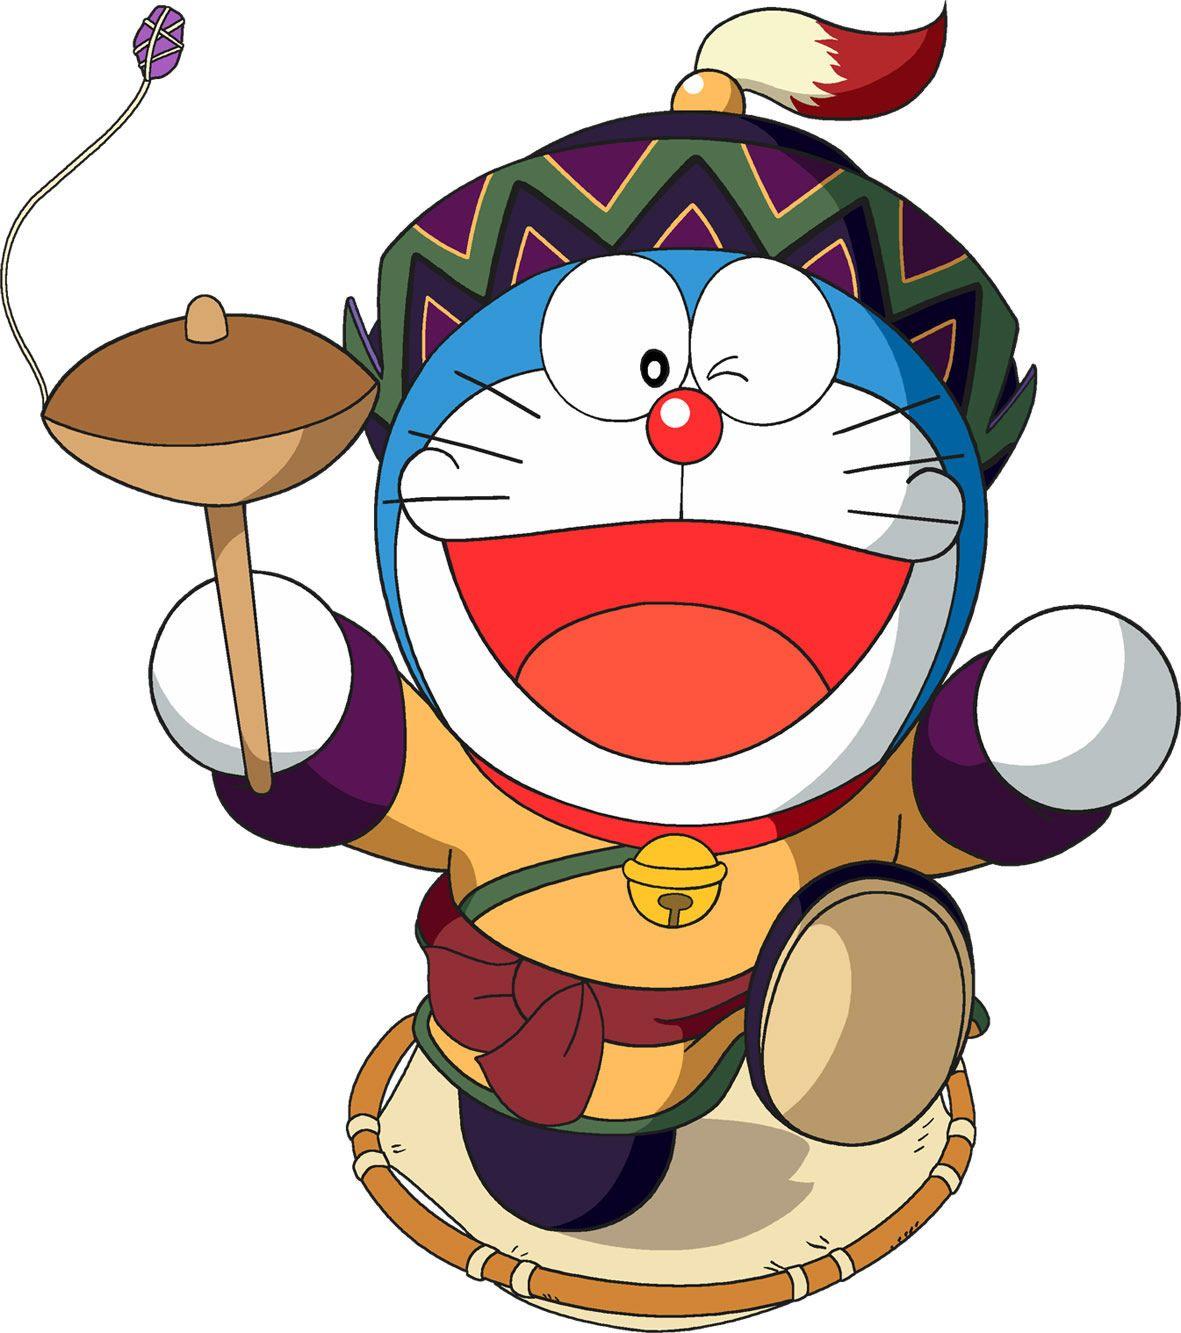 Vídeos Series Animadas Juegos Online Concursos Doraemon El Gato Cosmico Fondo De Pantalla De Dibujos Animados Anime Japones